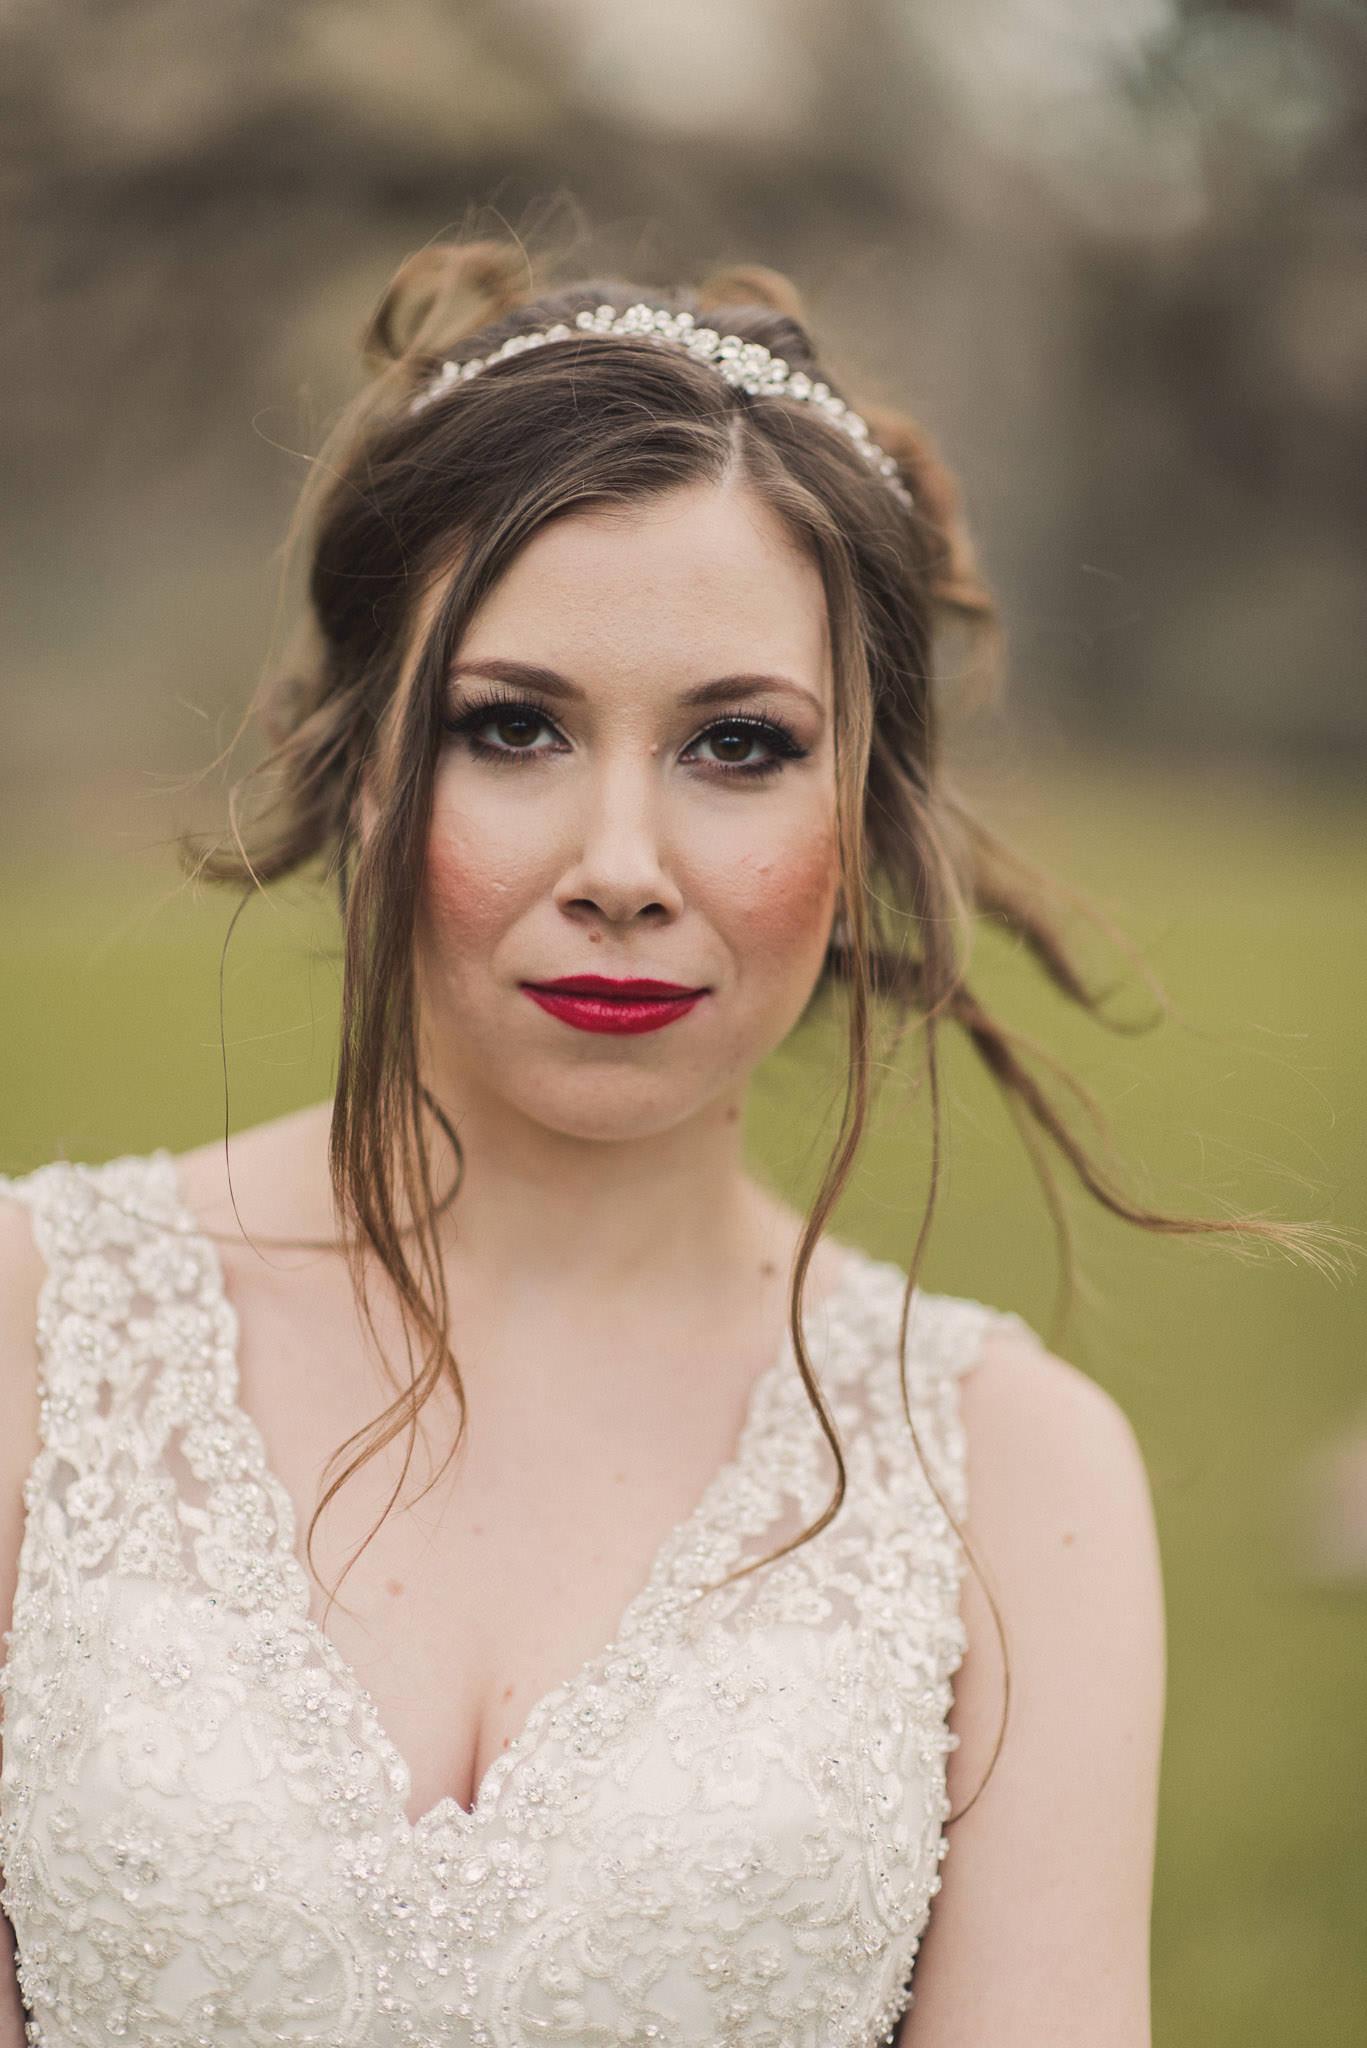 Adrianna-Garcia-Bridal-sm-20.jpg